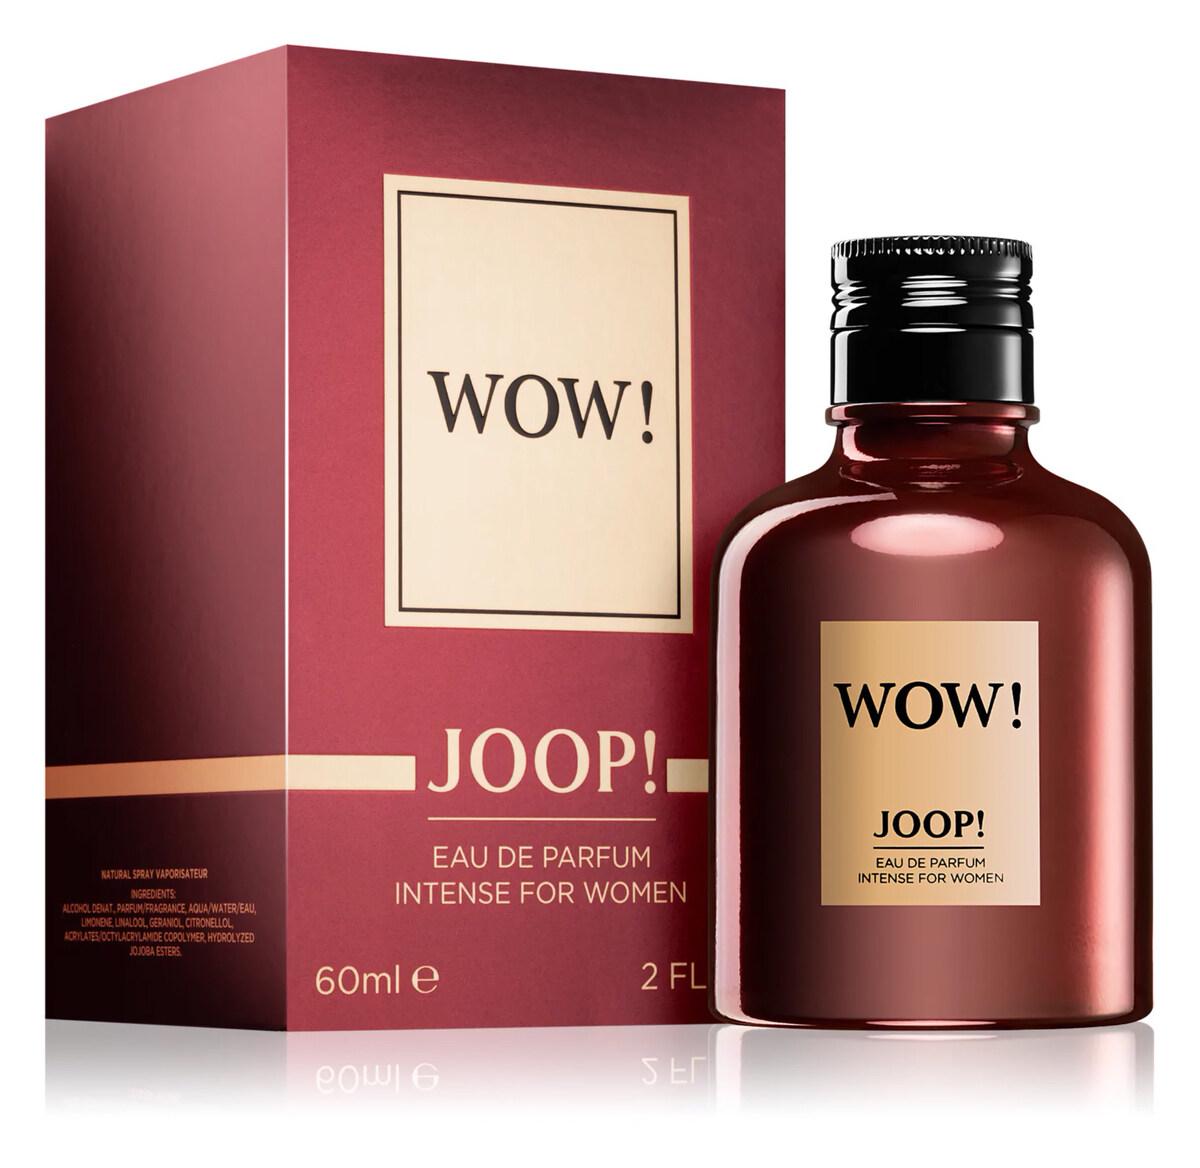 Wow! Eau de Parfum Intense For Women Joop! parfum een